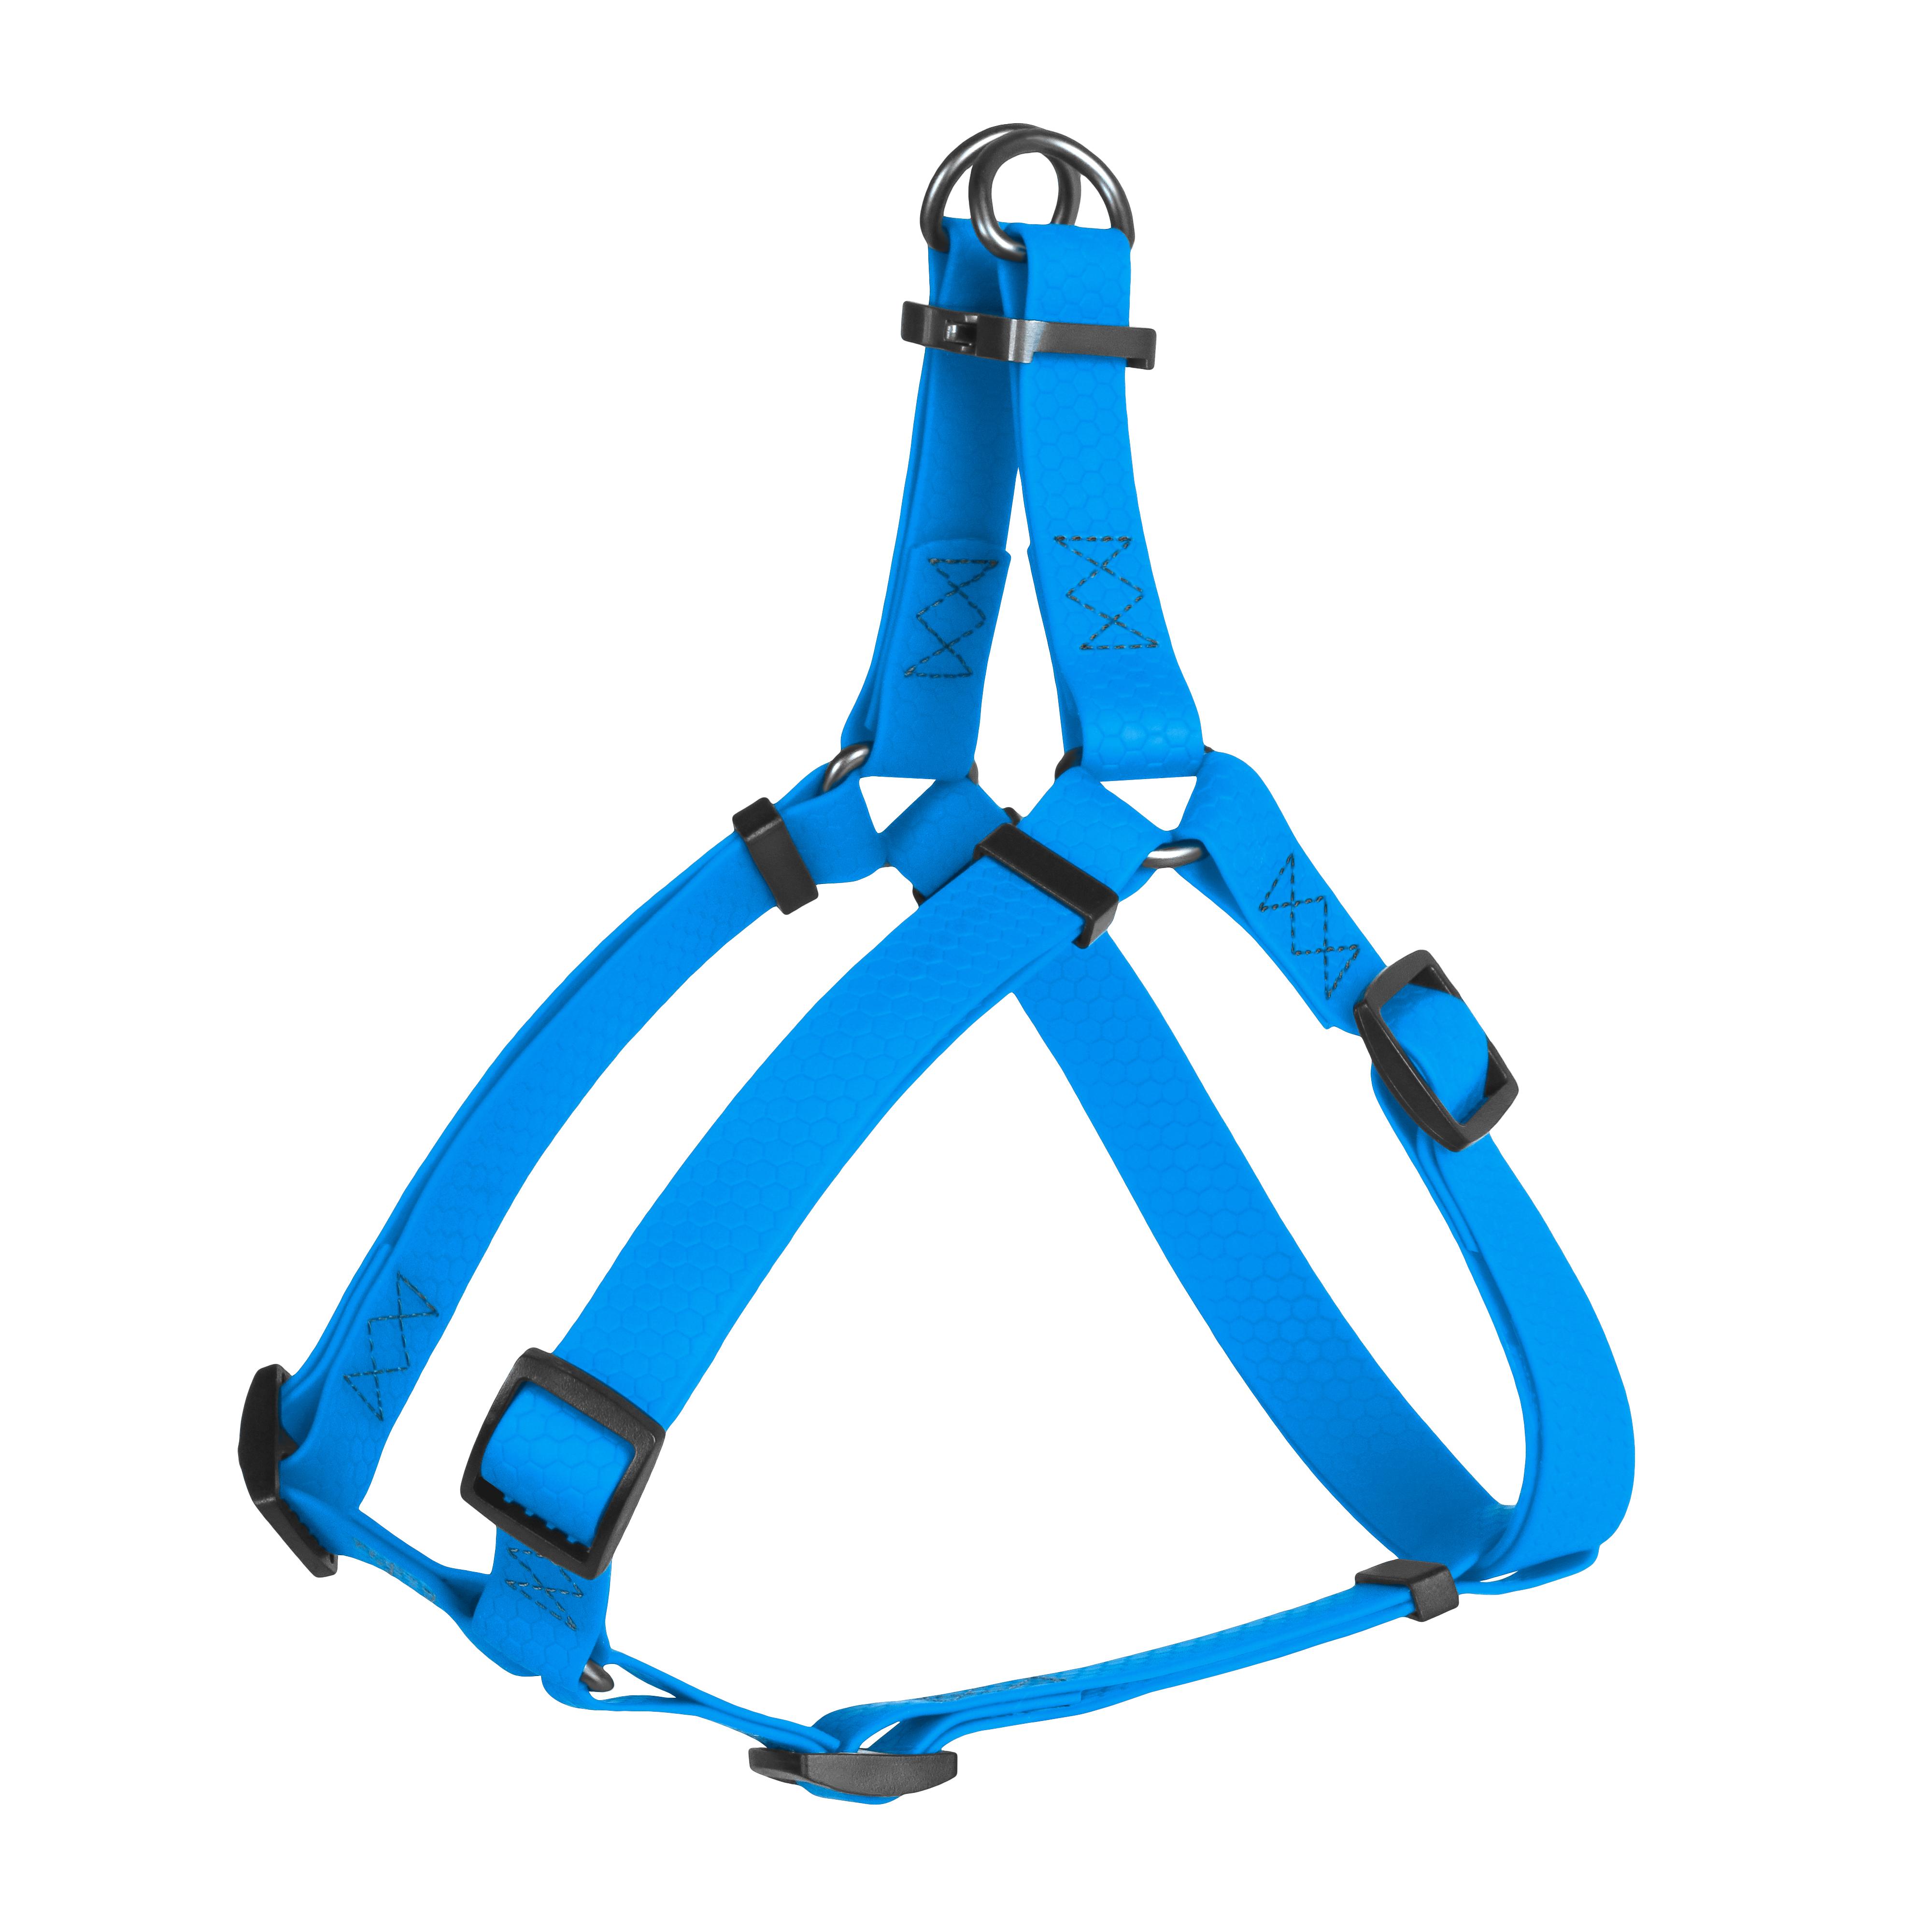 Шлея WAUDOG Waterproof, Водойстойкая, металическая фурнитура (ширина 25 мм, длина 60-90 см) голубая